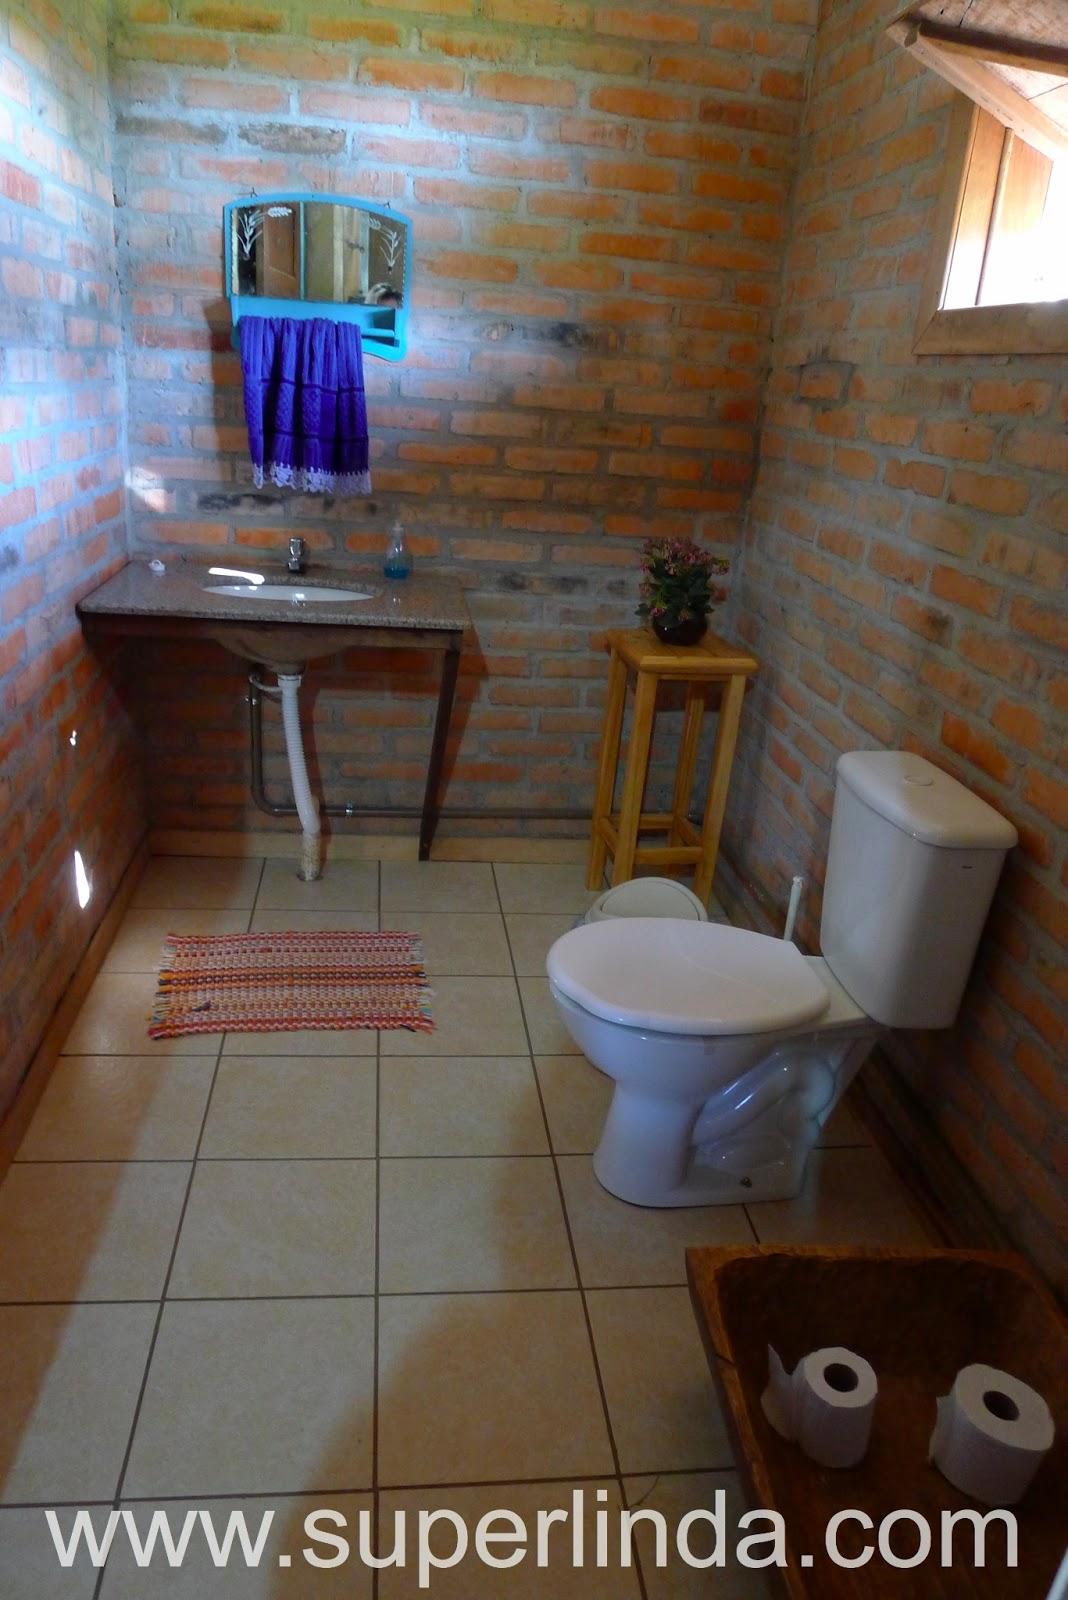 de flor o porta papel higiênico o vaso sanitário e as paredes em #376894 1068 1600